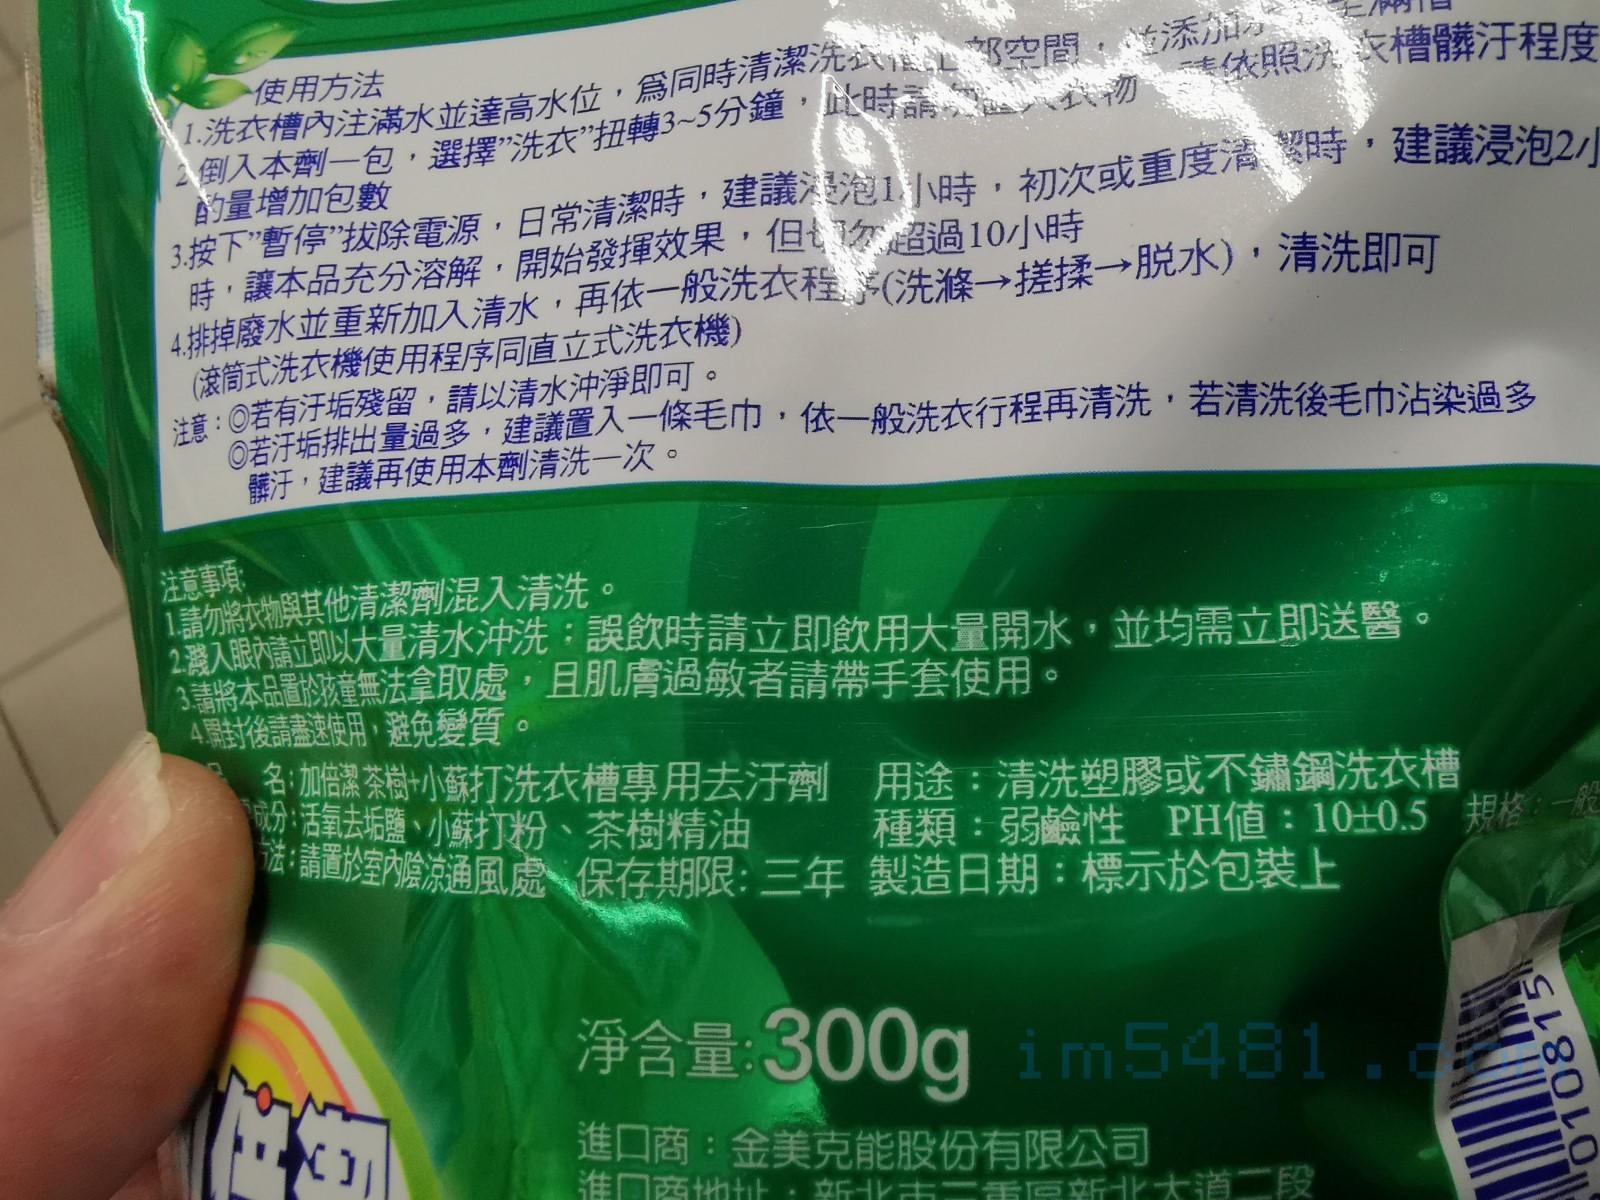 加倍潔 茶樹小蘇打洗衣槽專用去汙劑,主要成分: 活氧去垢鹽、小蘇打粉、茶樹精油, 種類:弱鹼性 PH值:10+-0.5